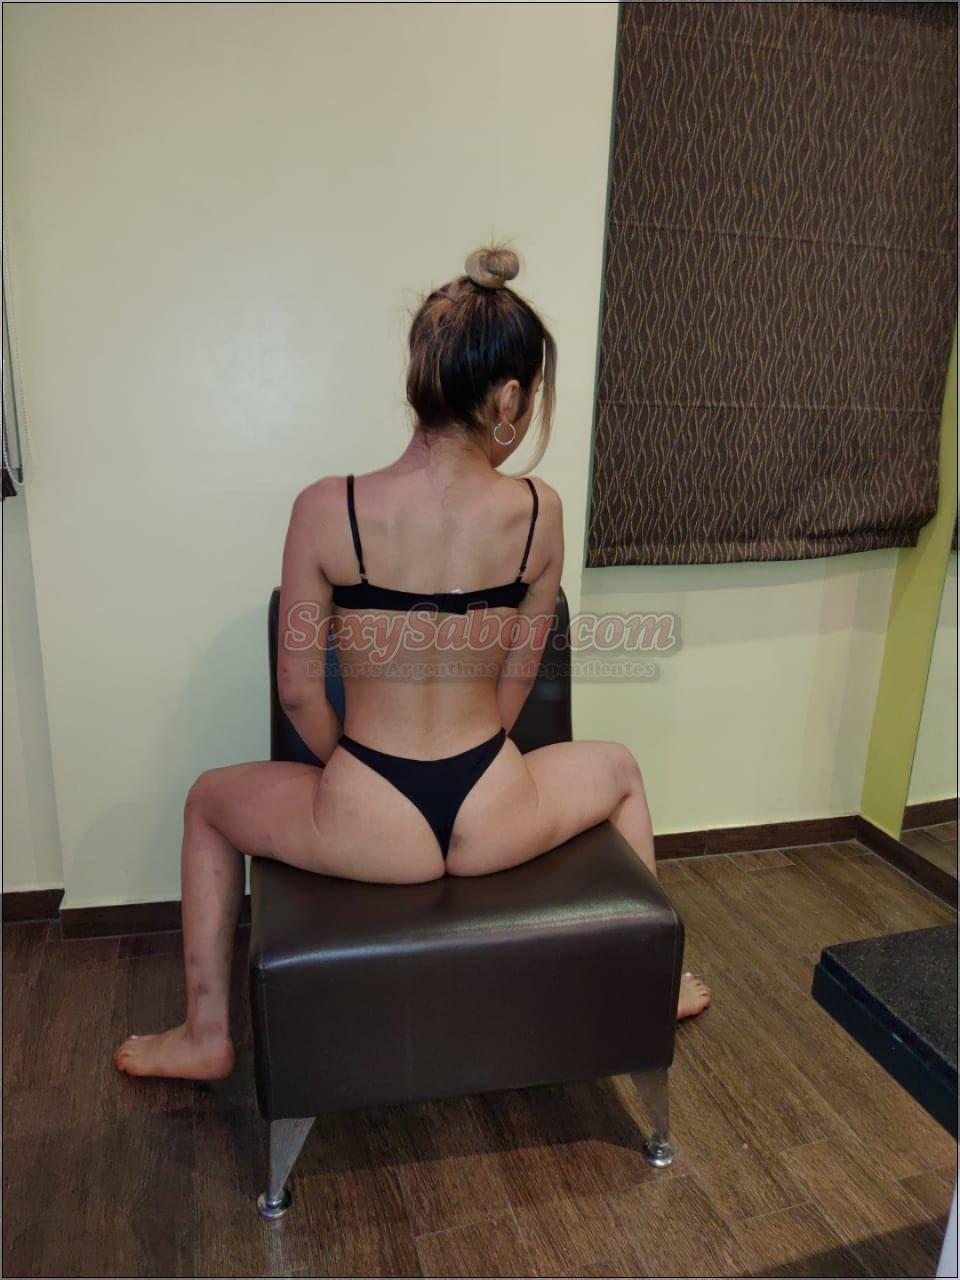 Mia 15-3838-5254